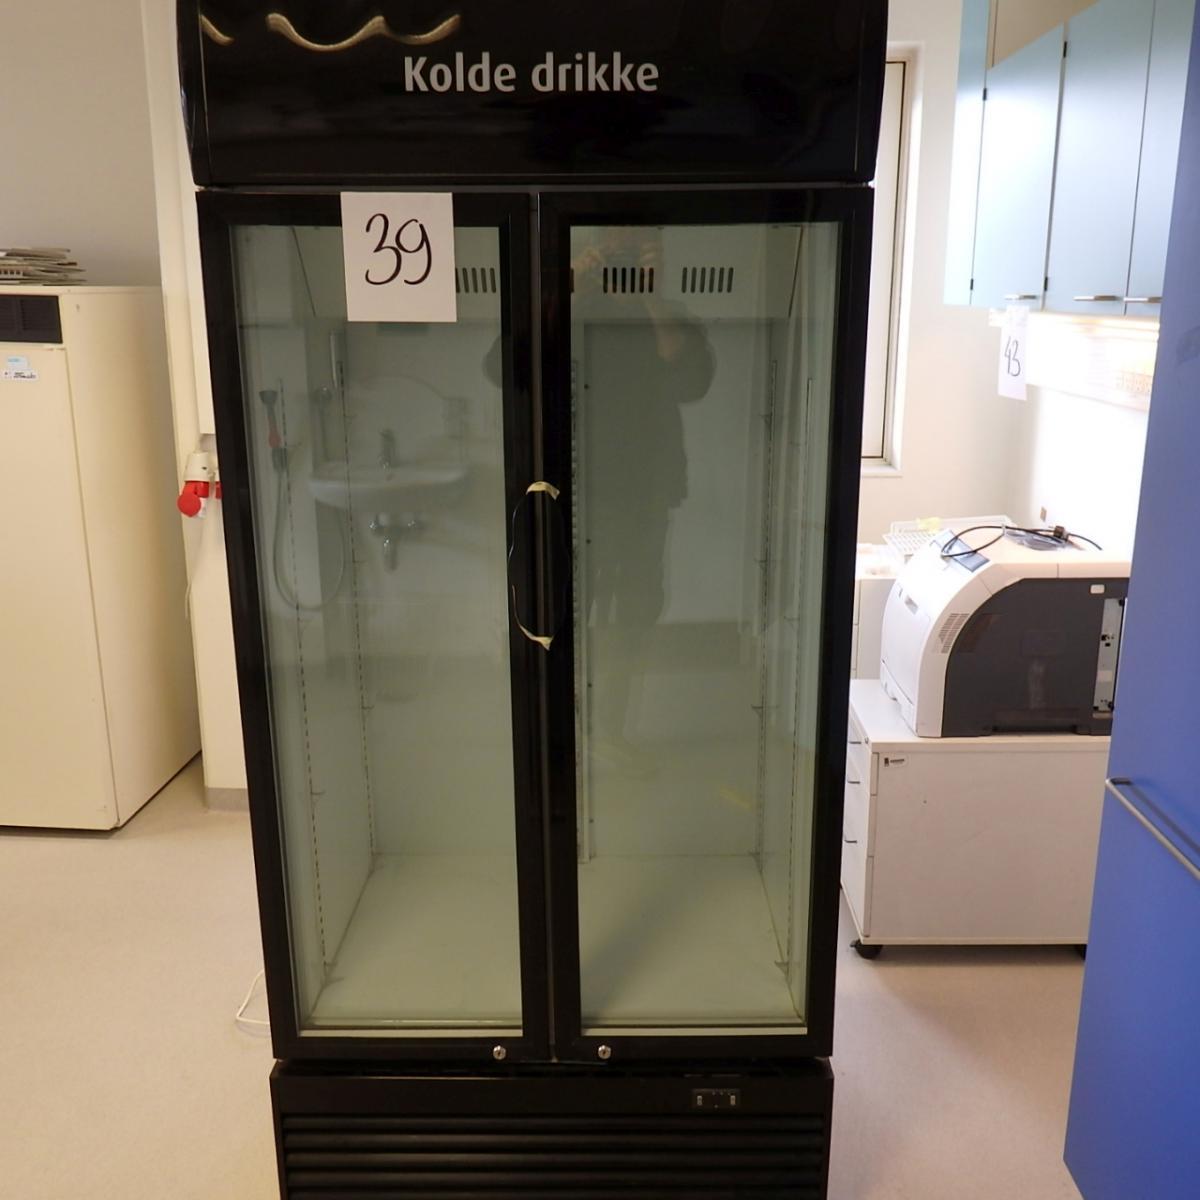 Kühlschrank - kalte Getränke - der Verkäufer sagt, dass \